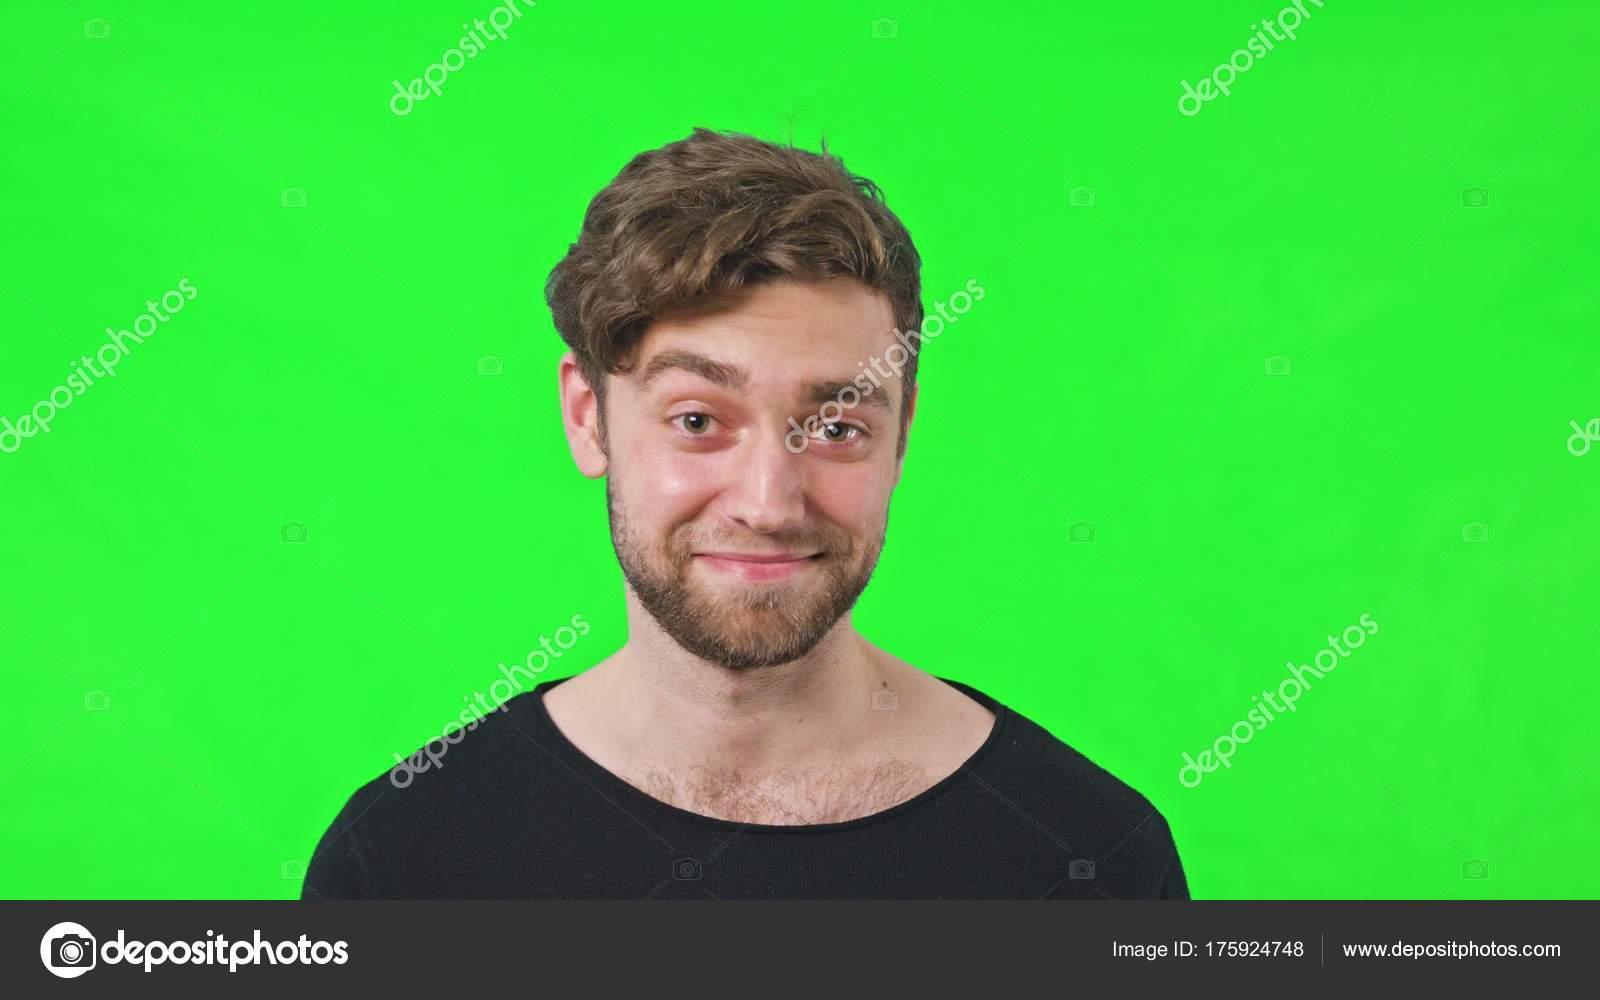 Man Face Raise An Eyebrow Stock Photo Mputsylo 175924748